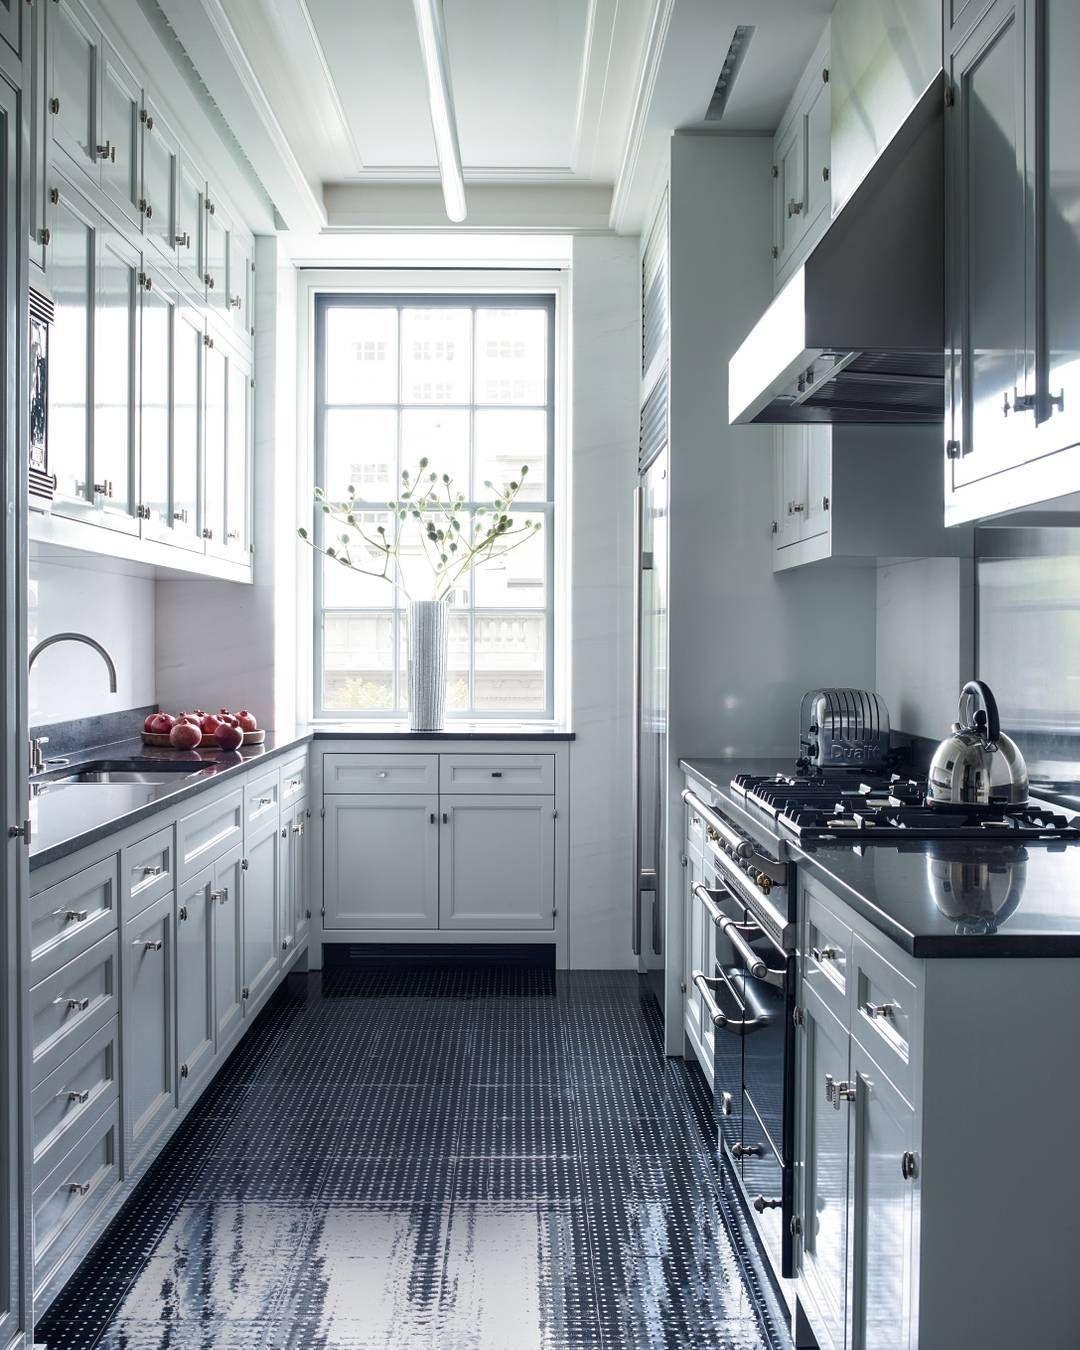 An absolutely stunning kitchen floor. Photo William